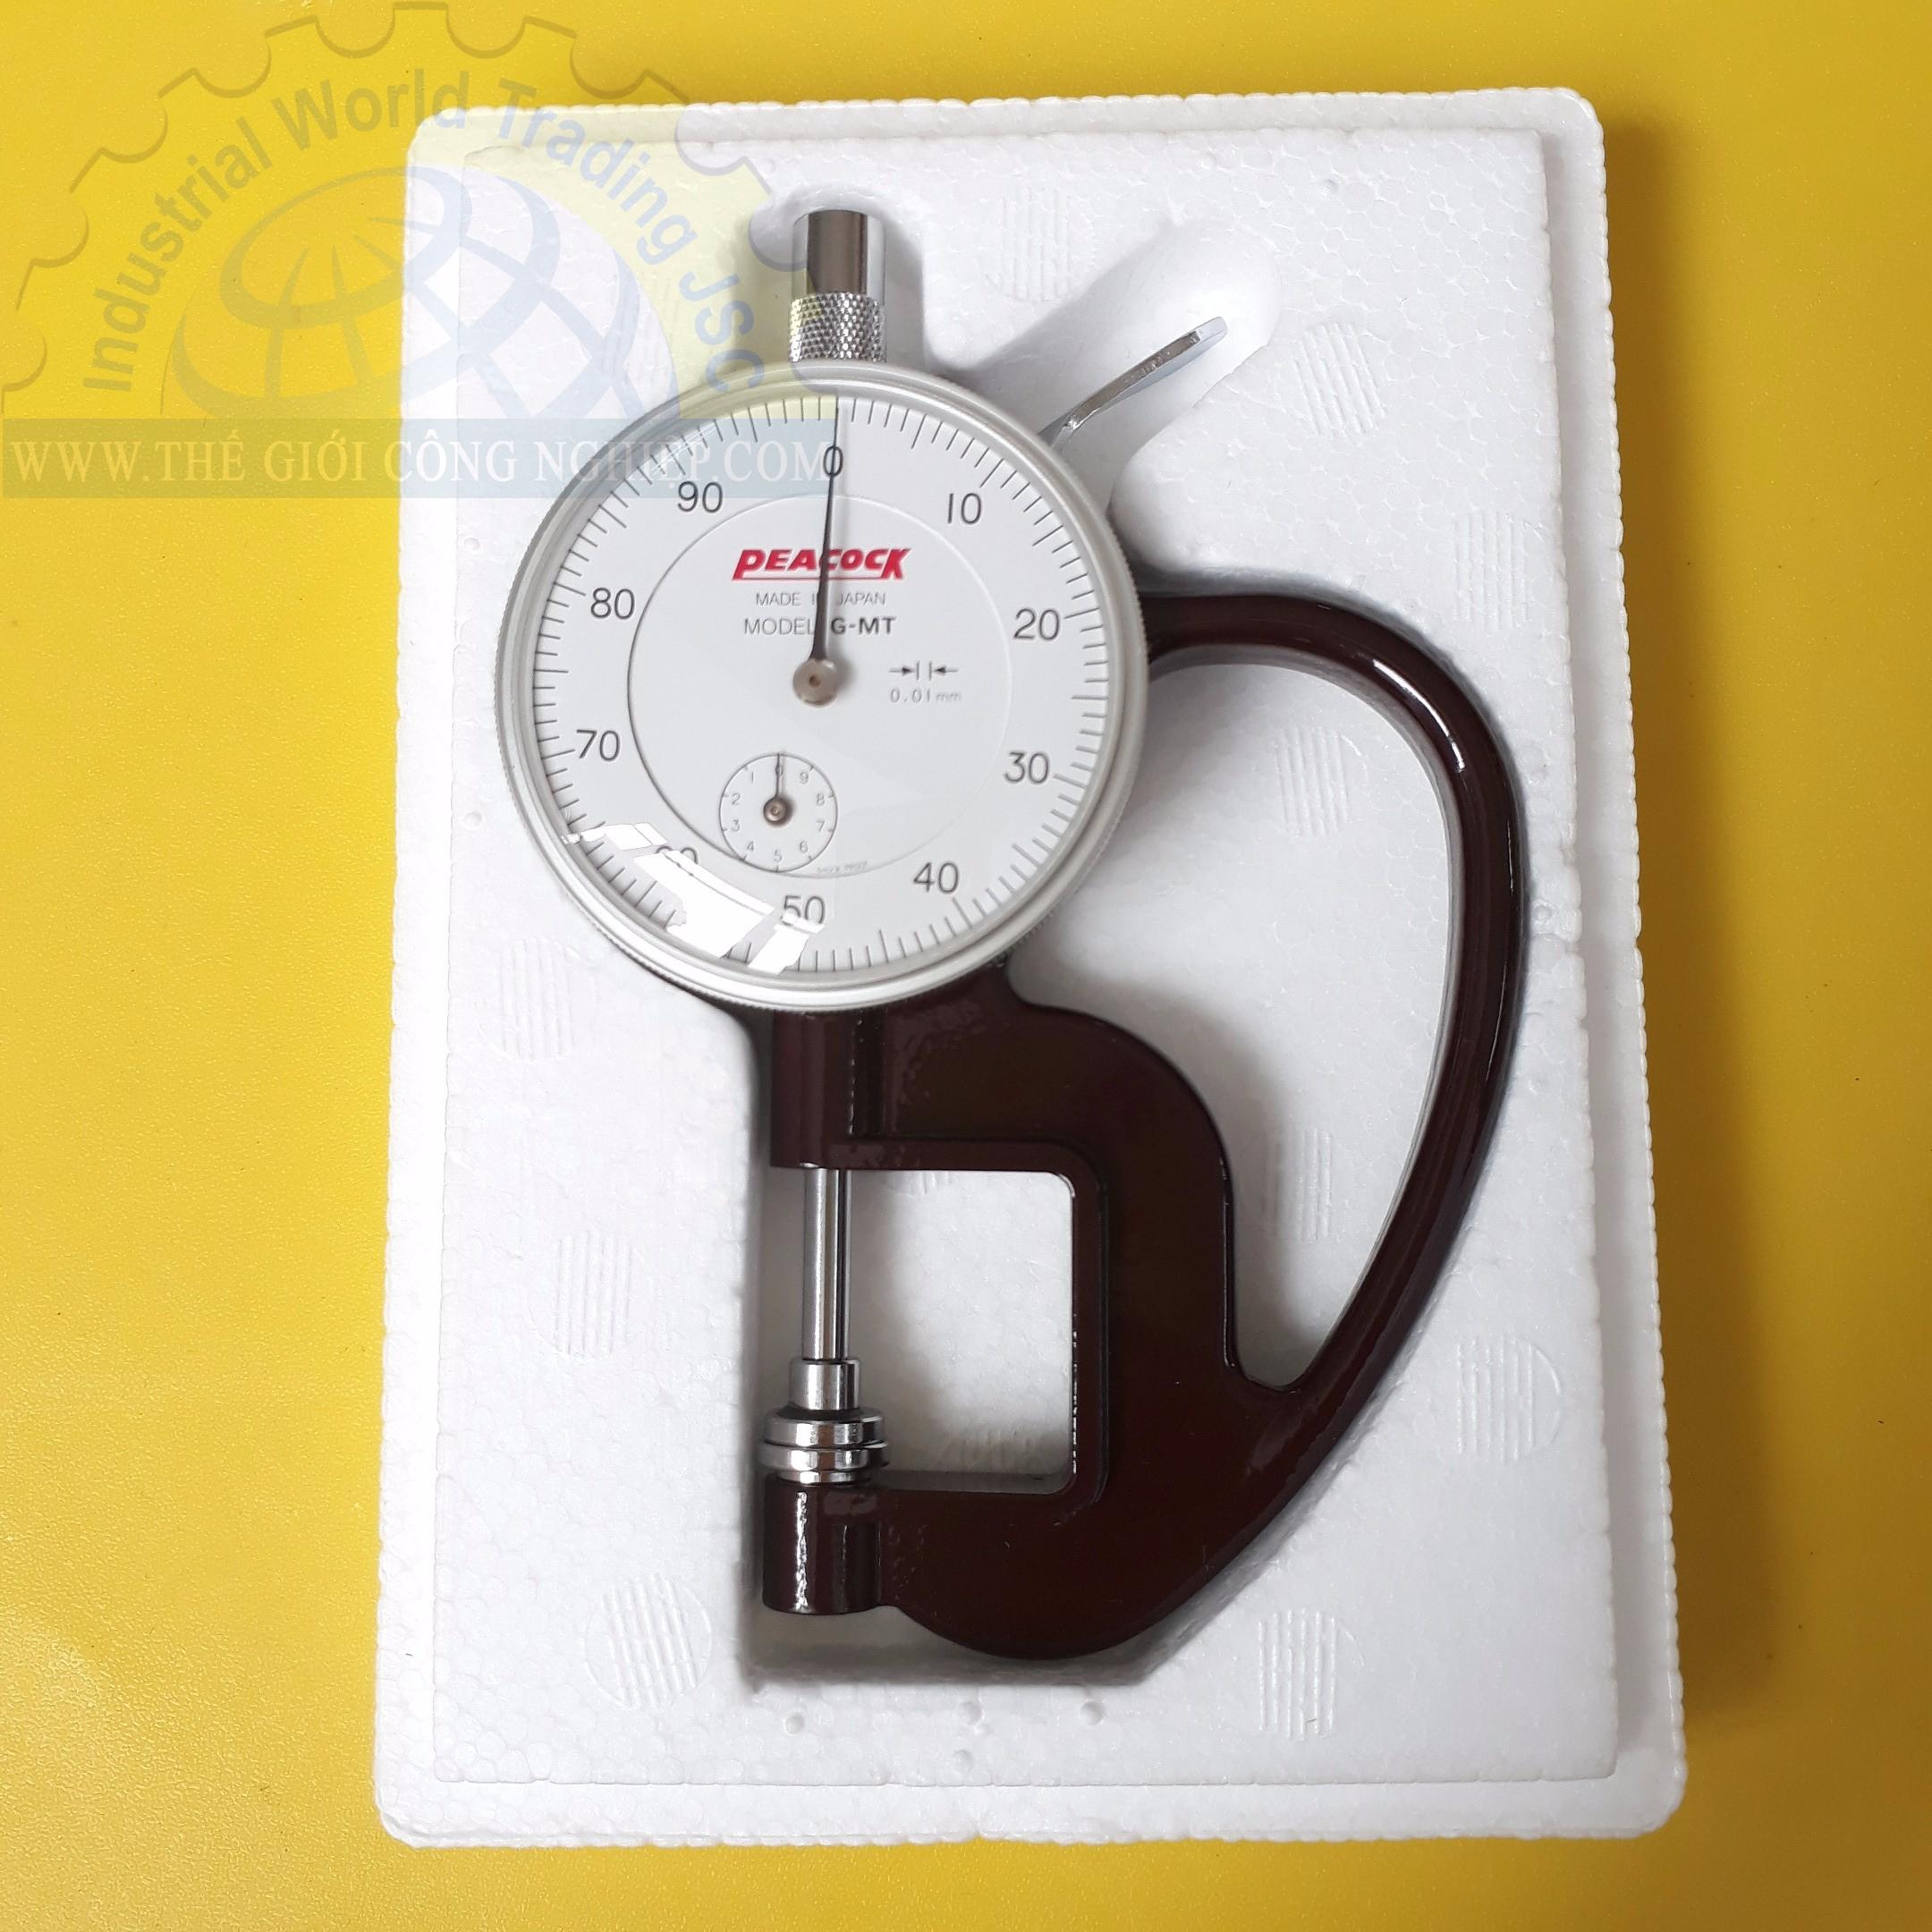 Đồng hồ đo độ dày cơ 10mm/0.01mm  G-MT PEACOCK